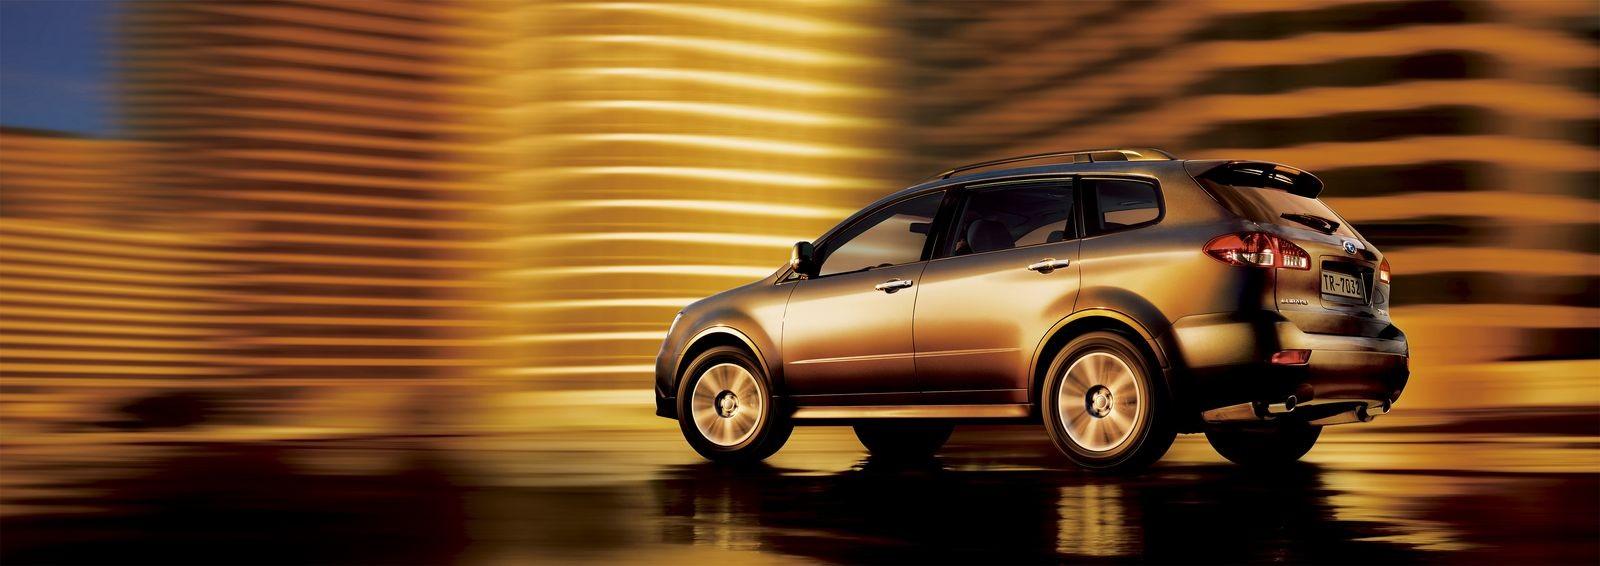 Для обеспеченных и многодетных поклонников: стоит ли покупать Subaru Tribeca за 800 тысяч рублей